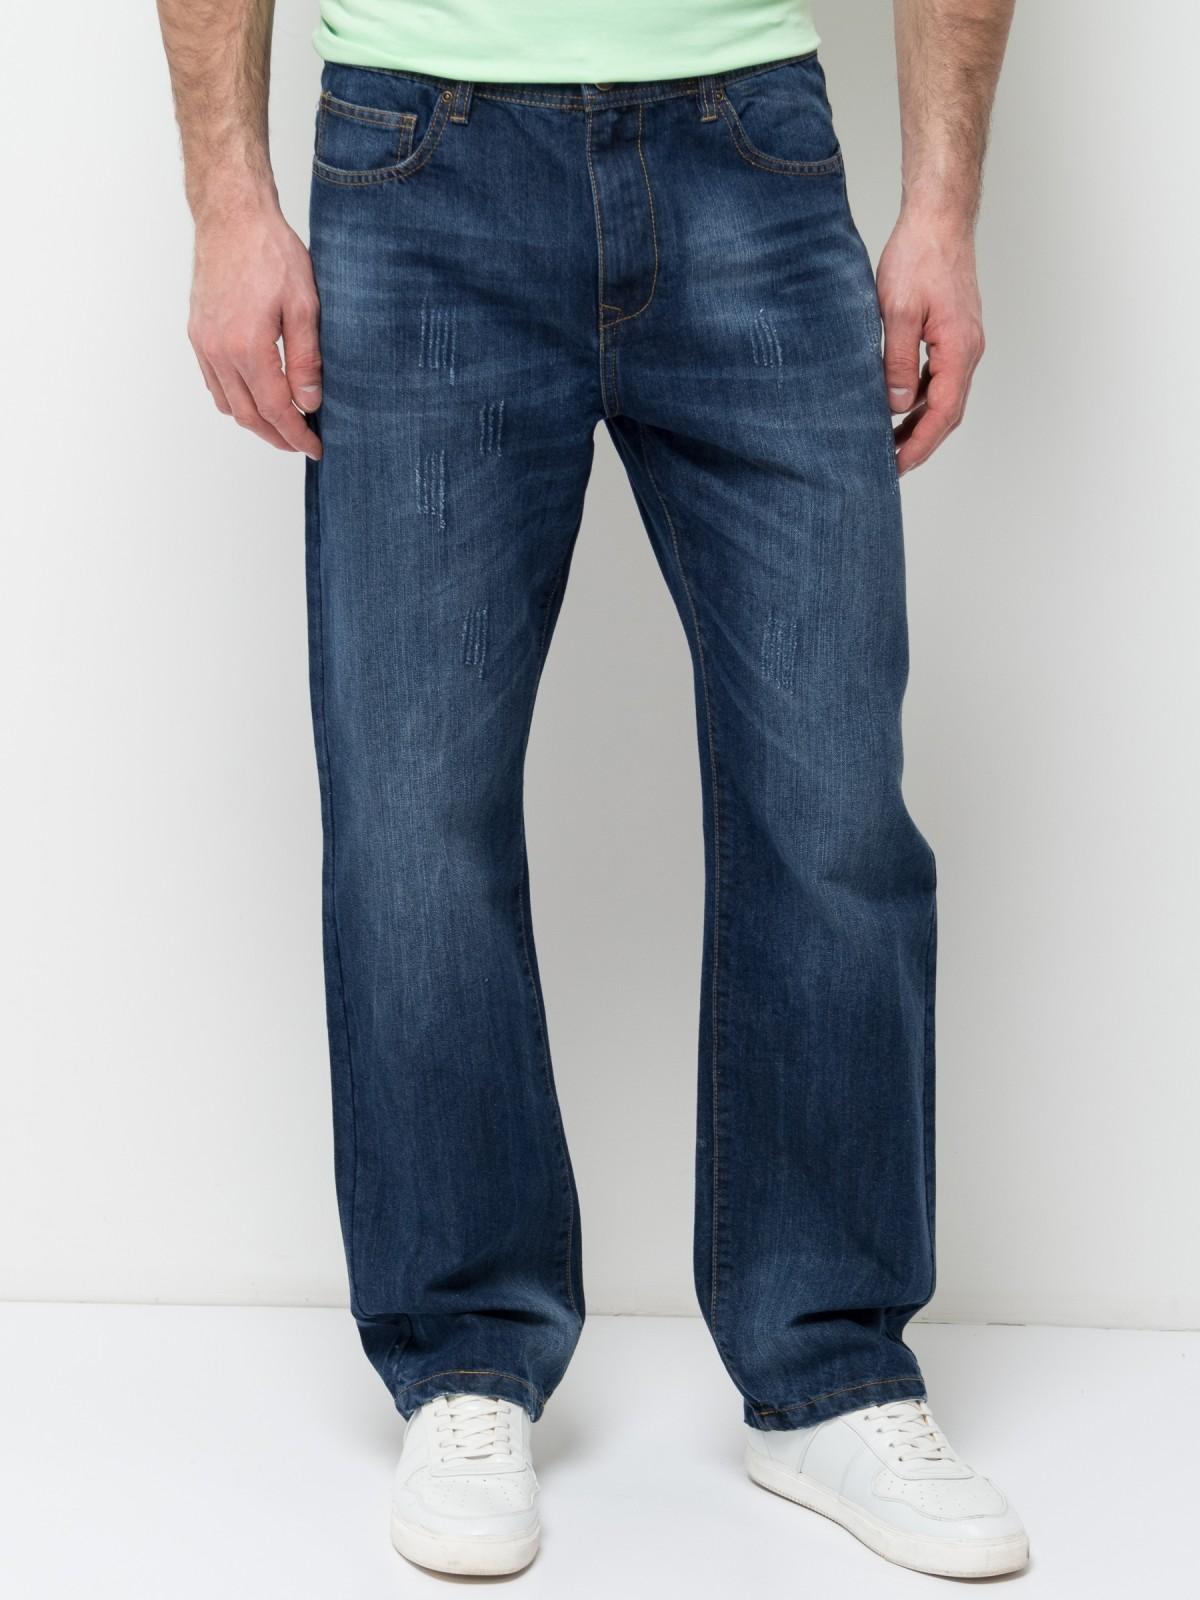 Джинсы мужские Sela Denim, цвет: синий джинс. PJ-235/1082-7253. Размер 28-32 (44-32)PJ-235/1082-7253Стильные мужские джинсы Sela, изготовленные из качественного хлопкового материала с потертостями, станут отличным дополнением гардероба. Джинсы прямого кроя и стандартной посадки на талии застегиваются на застежку-молнию и пуговицу. На поясе имеются шлевки для ремня. Модель представляет собой классическую пятикарманку: два втачных и накладной карманы спереди и два накладных кармана сзади.